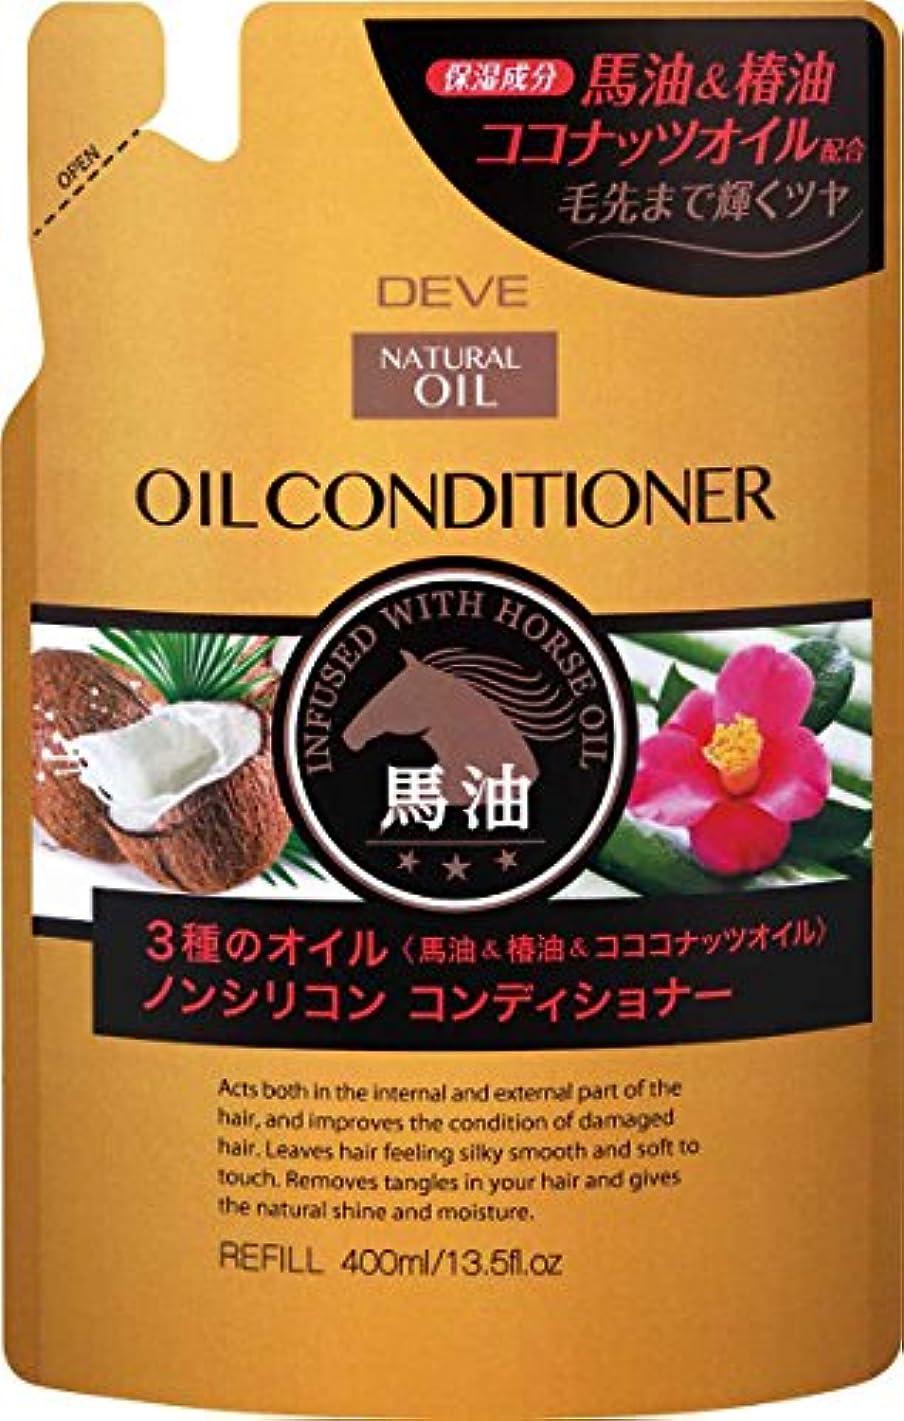 においコンソールリラックス熊野油脂 ディブ 3種のオイル コンディショナー(馬油?椿油?ココナッツオイル) 400ml